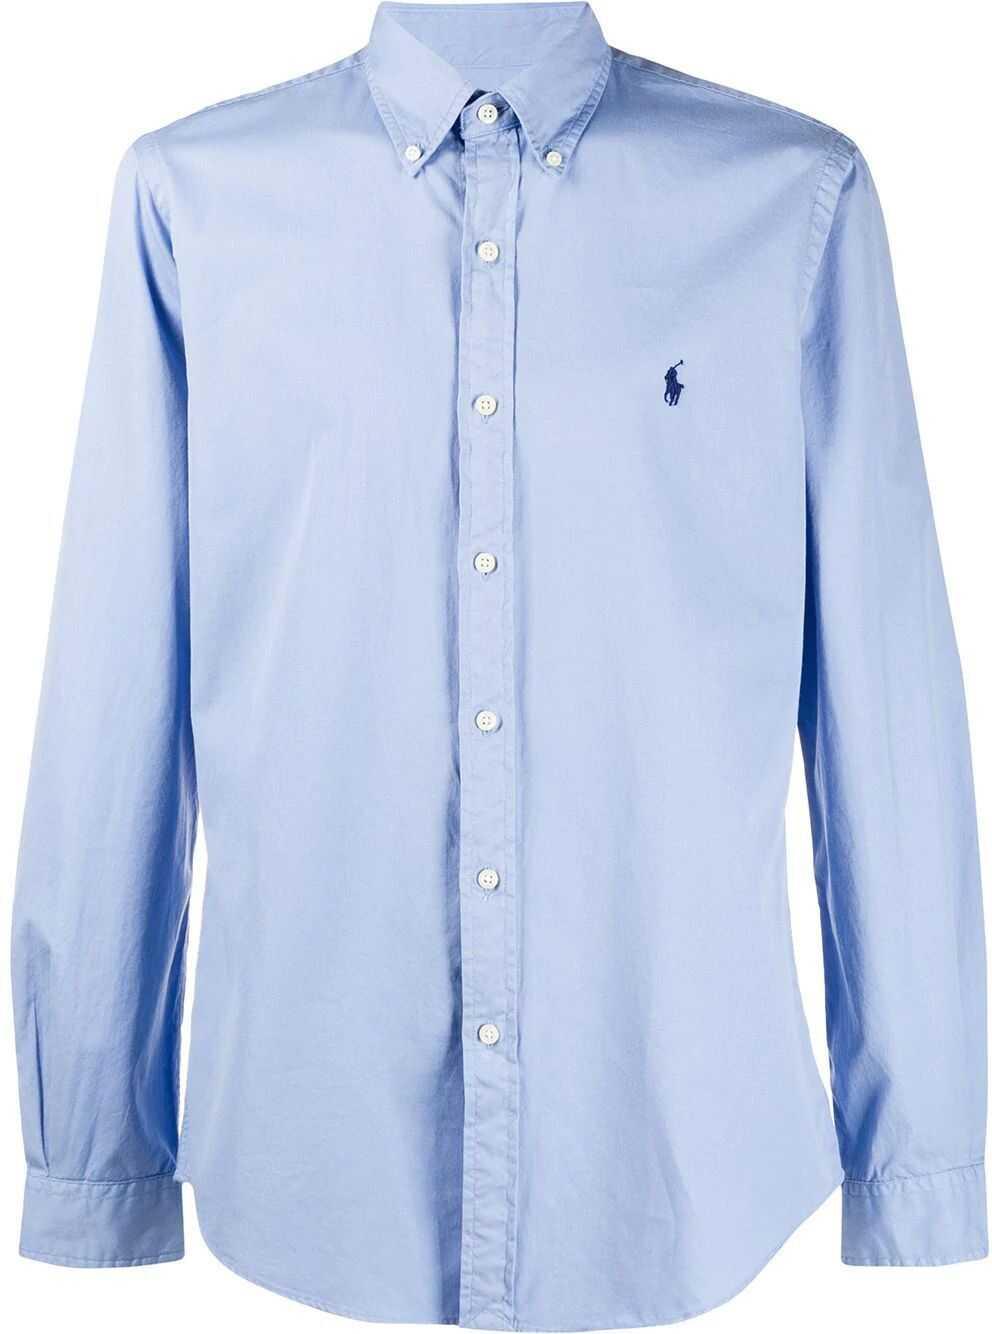 Ralph Lauren Cotton Shirt LIGHT BLUE